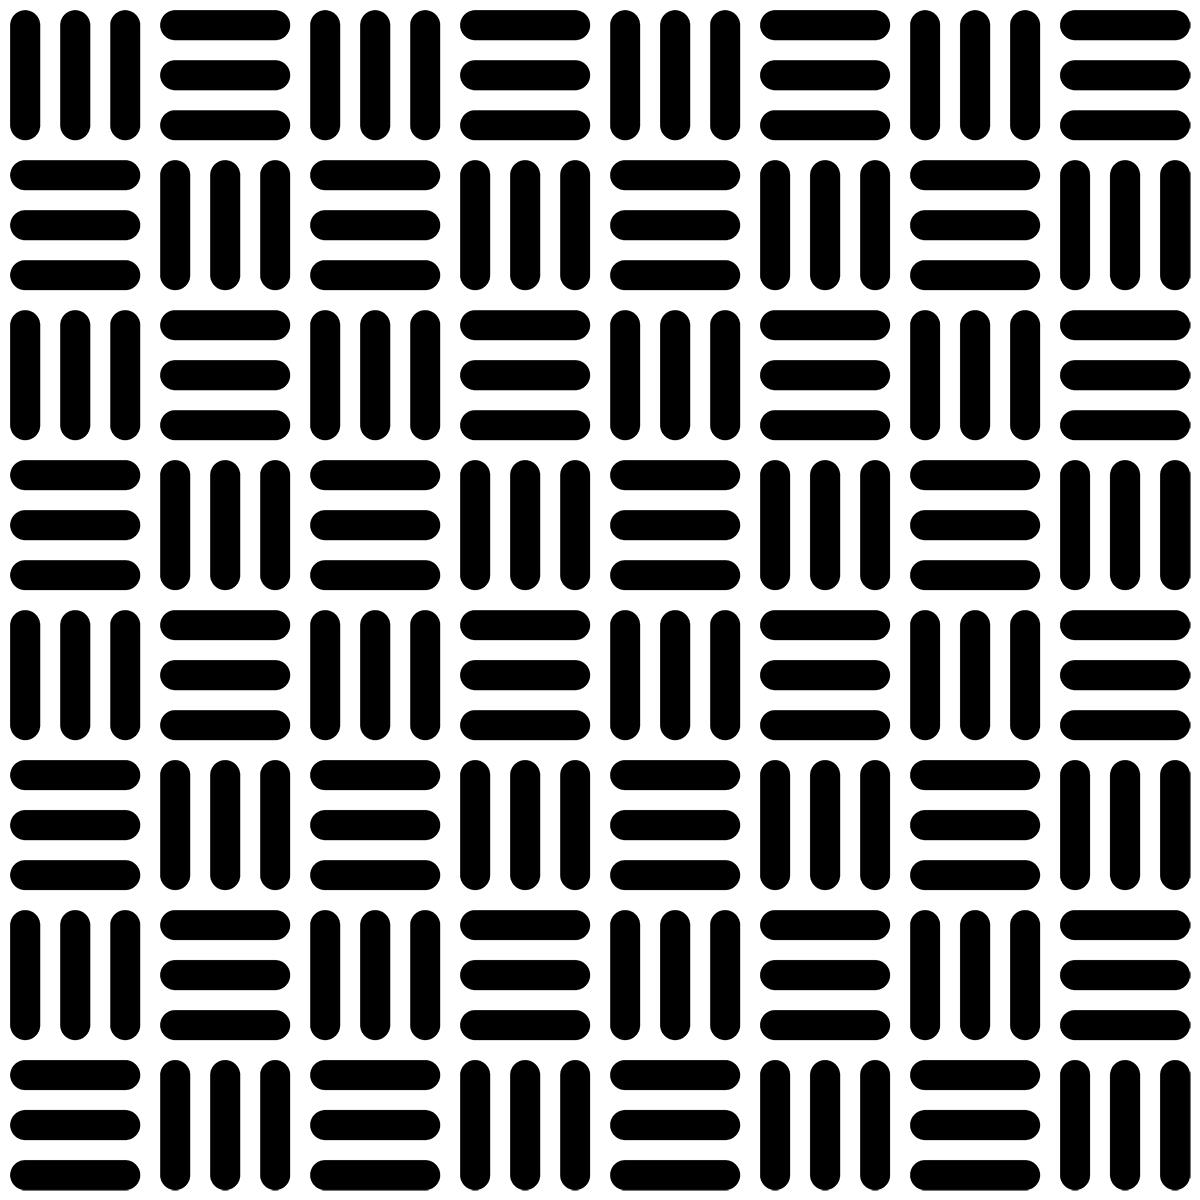 和柄(算木崩し-角丸)の無料イラスト